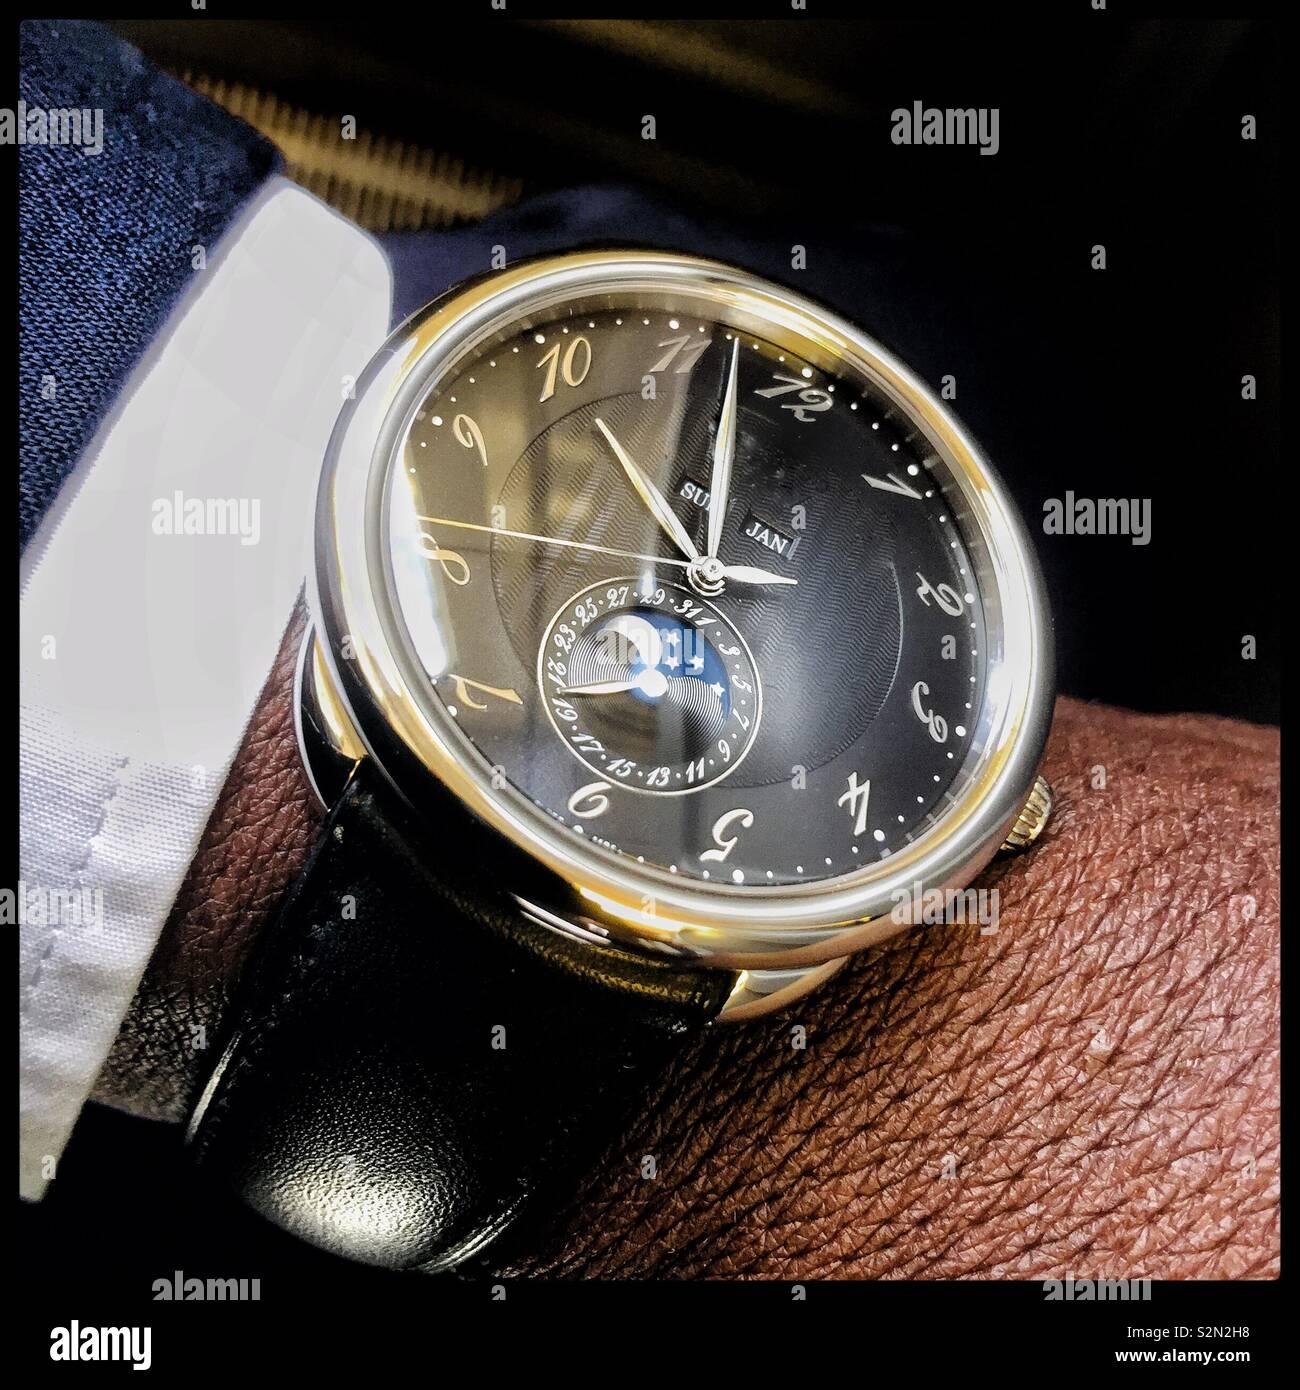 A gentlemen's Swiss watch. - Stock Image